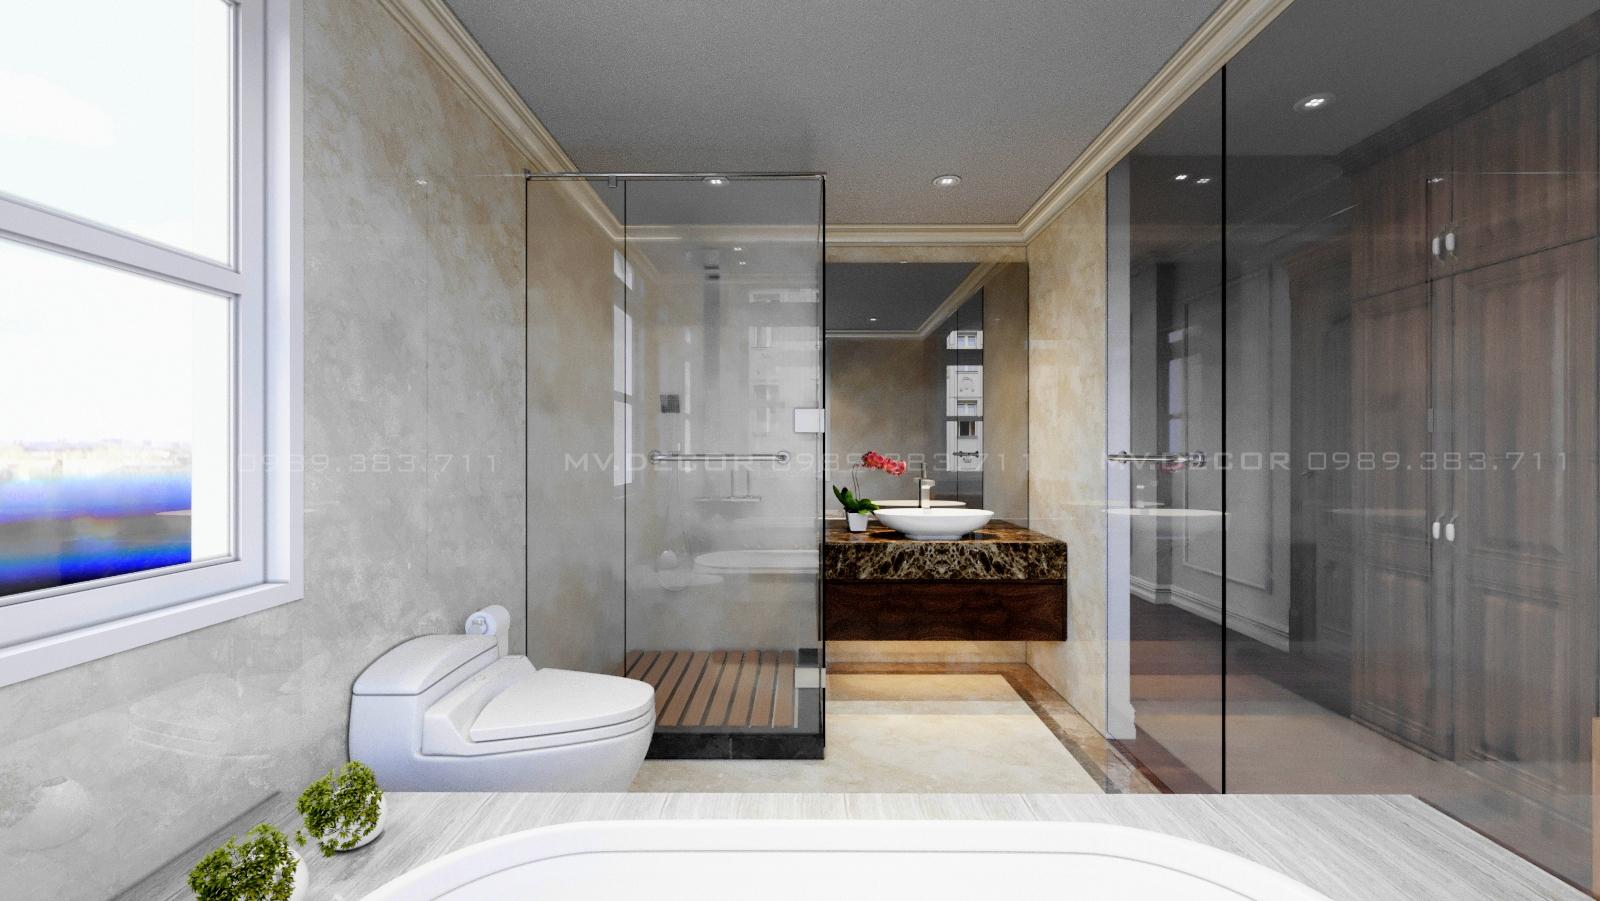 thiết kế nội thất Biệt Thự tại Hải Phòng BT VINHOME HẢI PHÒNG 27 1562719455